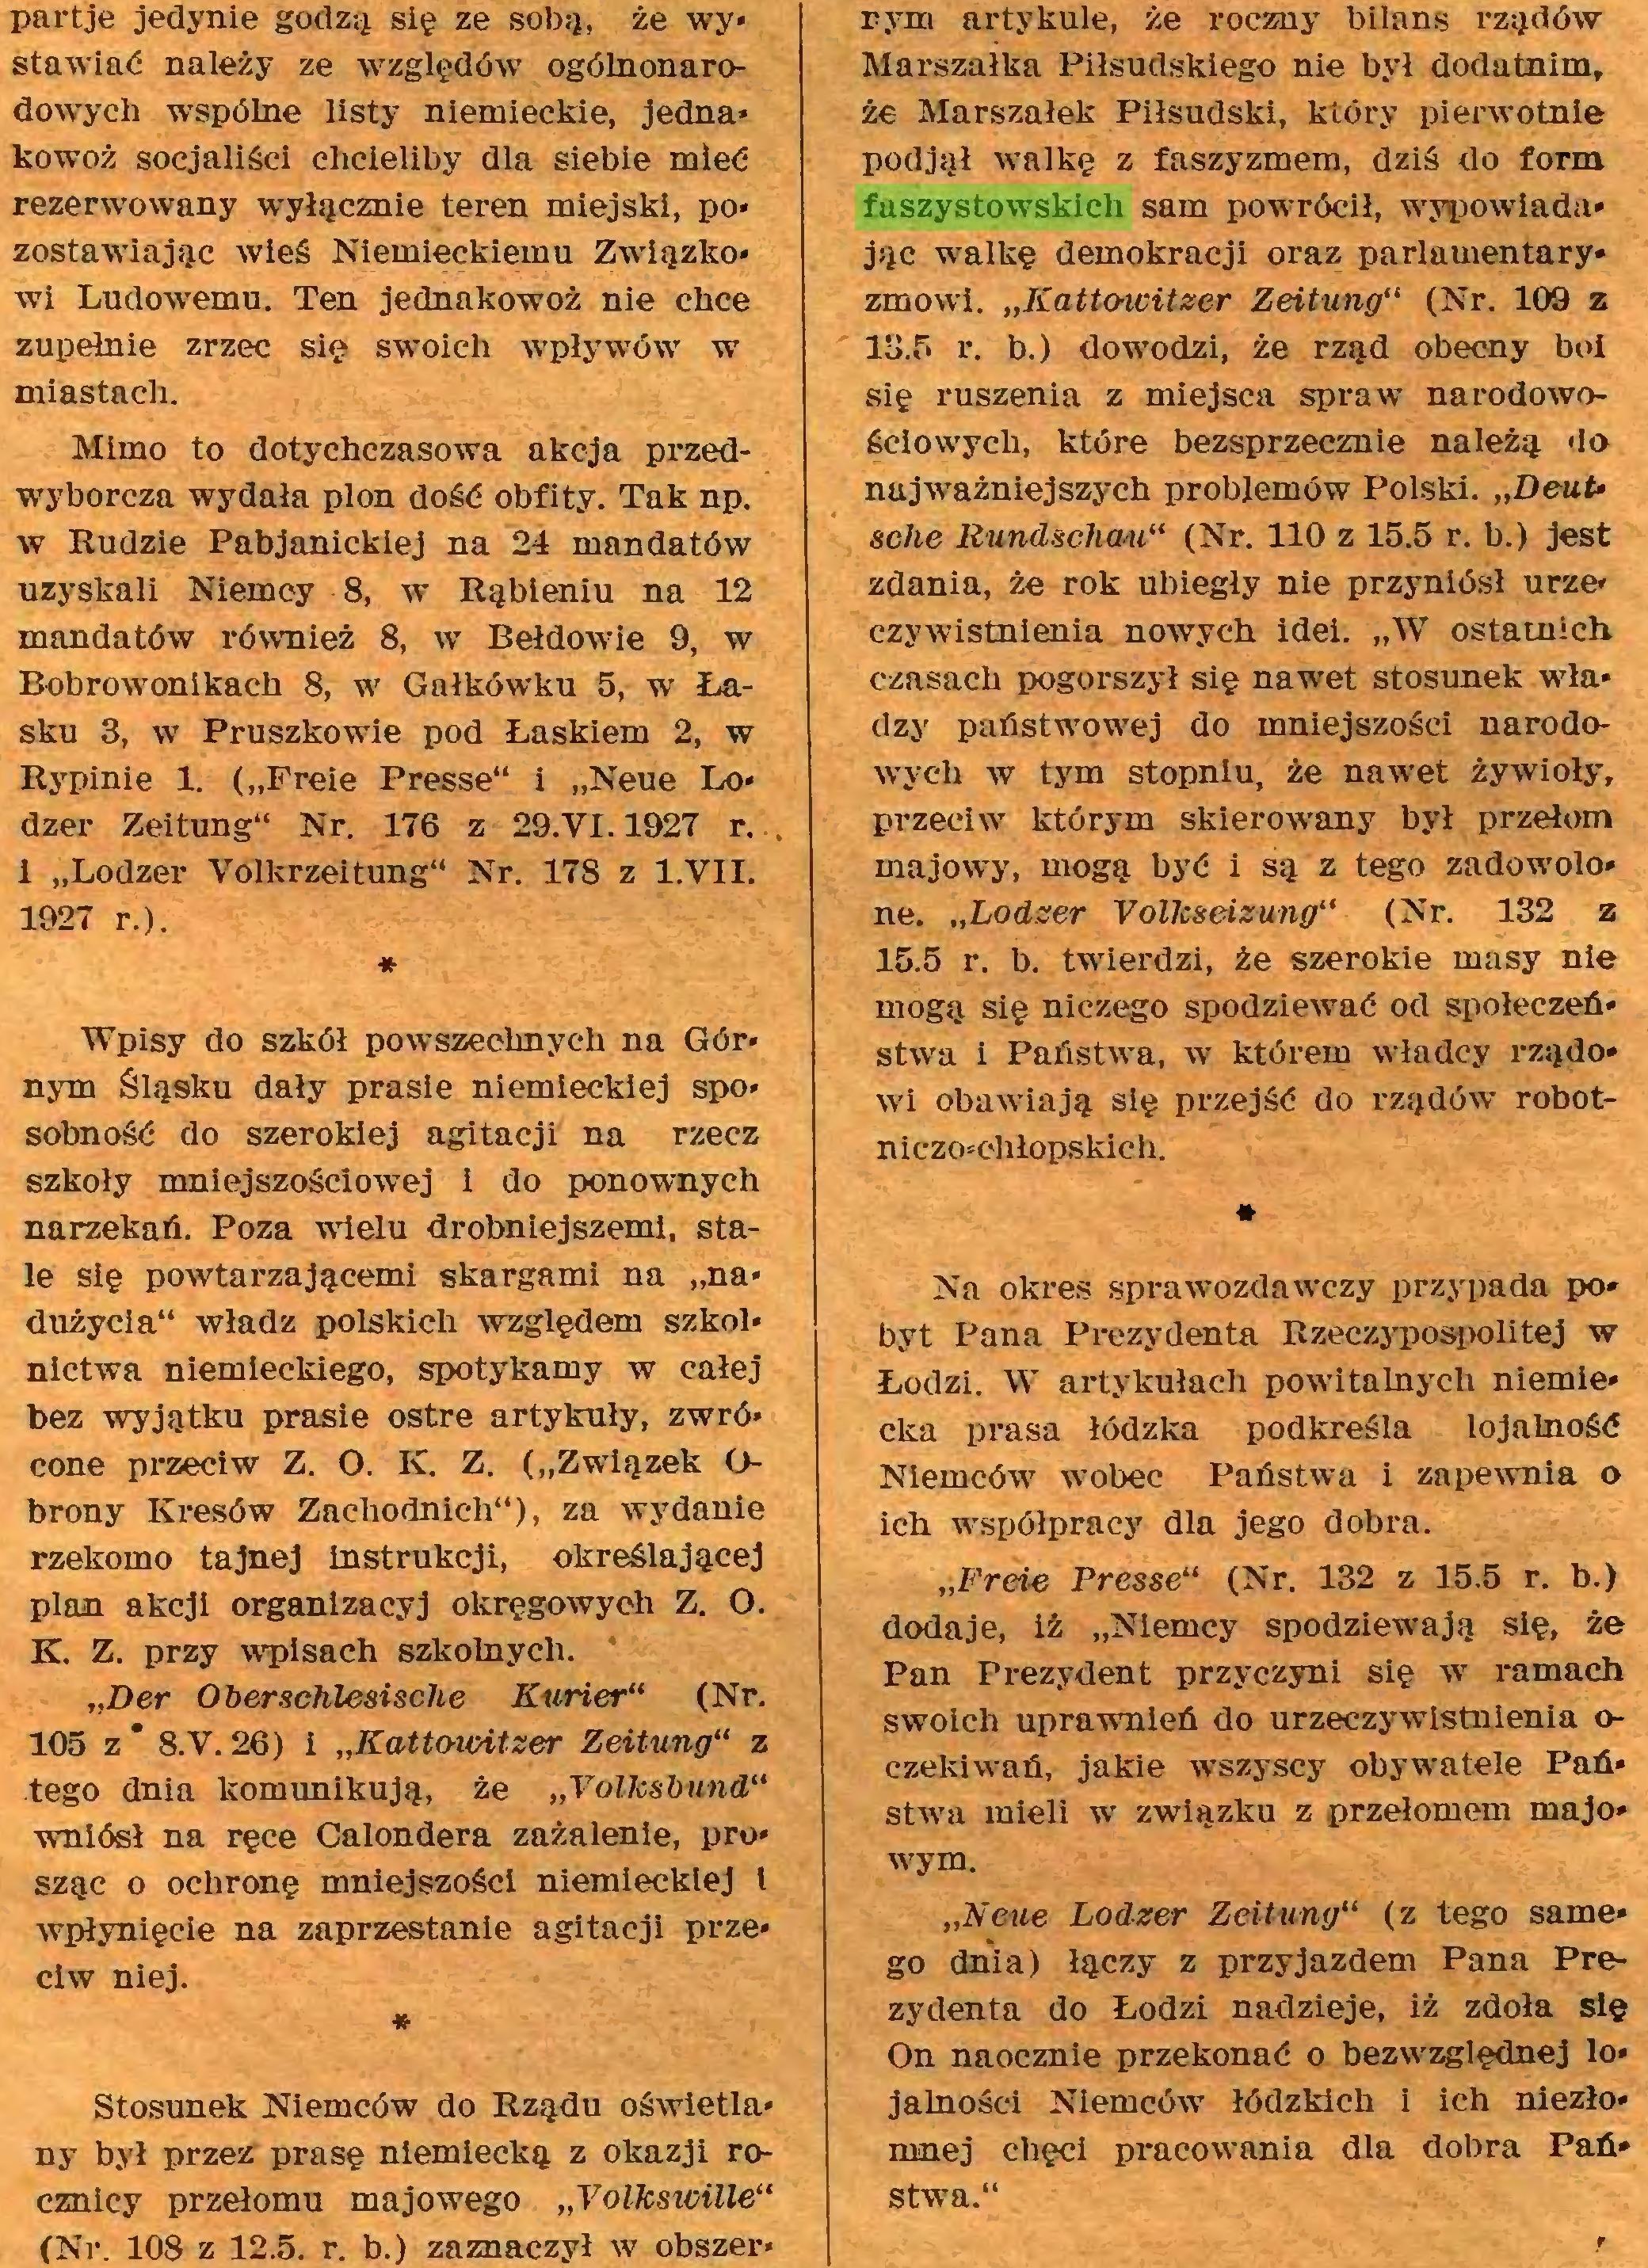 """(...) (Nr. 108 z 12.5. r. b.) zaznaczył w obszer* rym artykule, że roczny bilans rządów Marszałka Piłsudskiego nie był dodatnim, że Marszałek Piłsudski, który pierwotnie podjął walkę z faszyzmem, dziś do form faszystowskich sam powrócił, wypowiada* jąc walkę demokracji oraz parlamentary* zmówi. """"Kattowitzer Zeitung"""" (Nr. 109 z 13.5 r. b.) dowodzi, że rząd obecny boi..."""